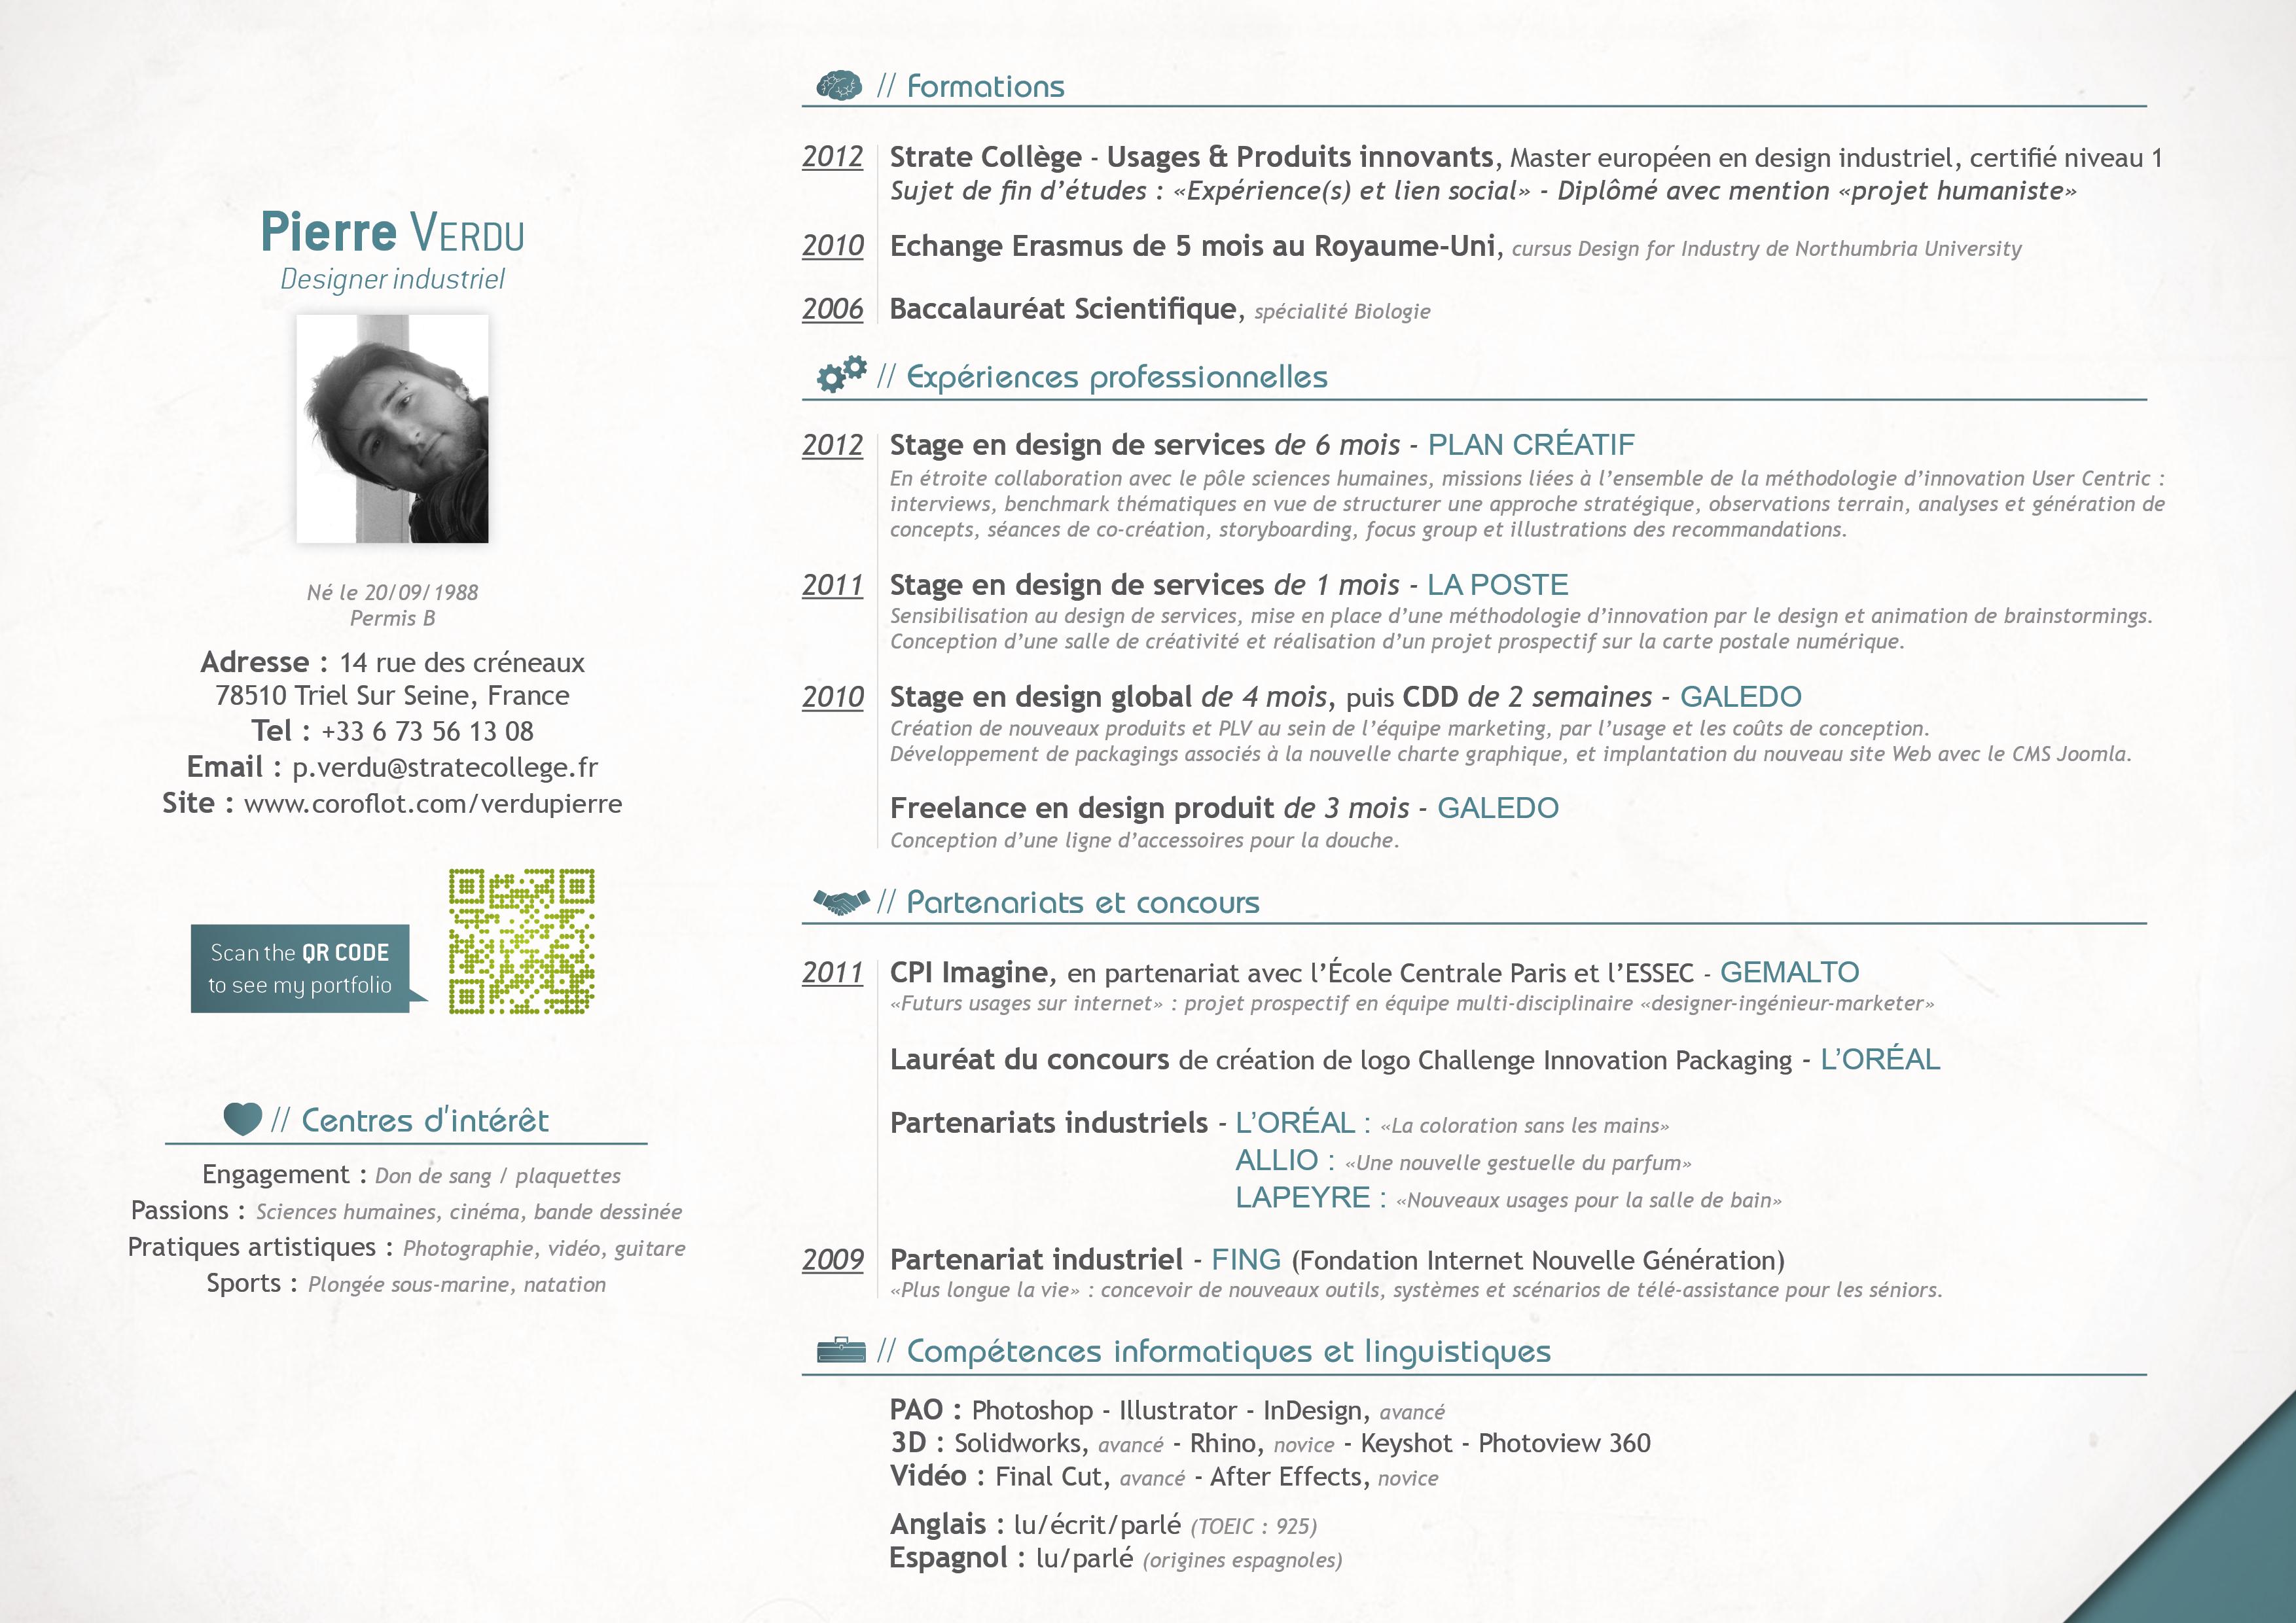 cv francais - Resume Francais Bac Science